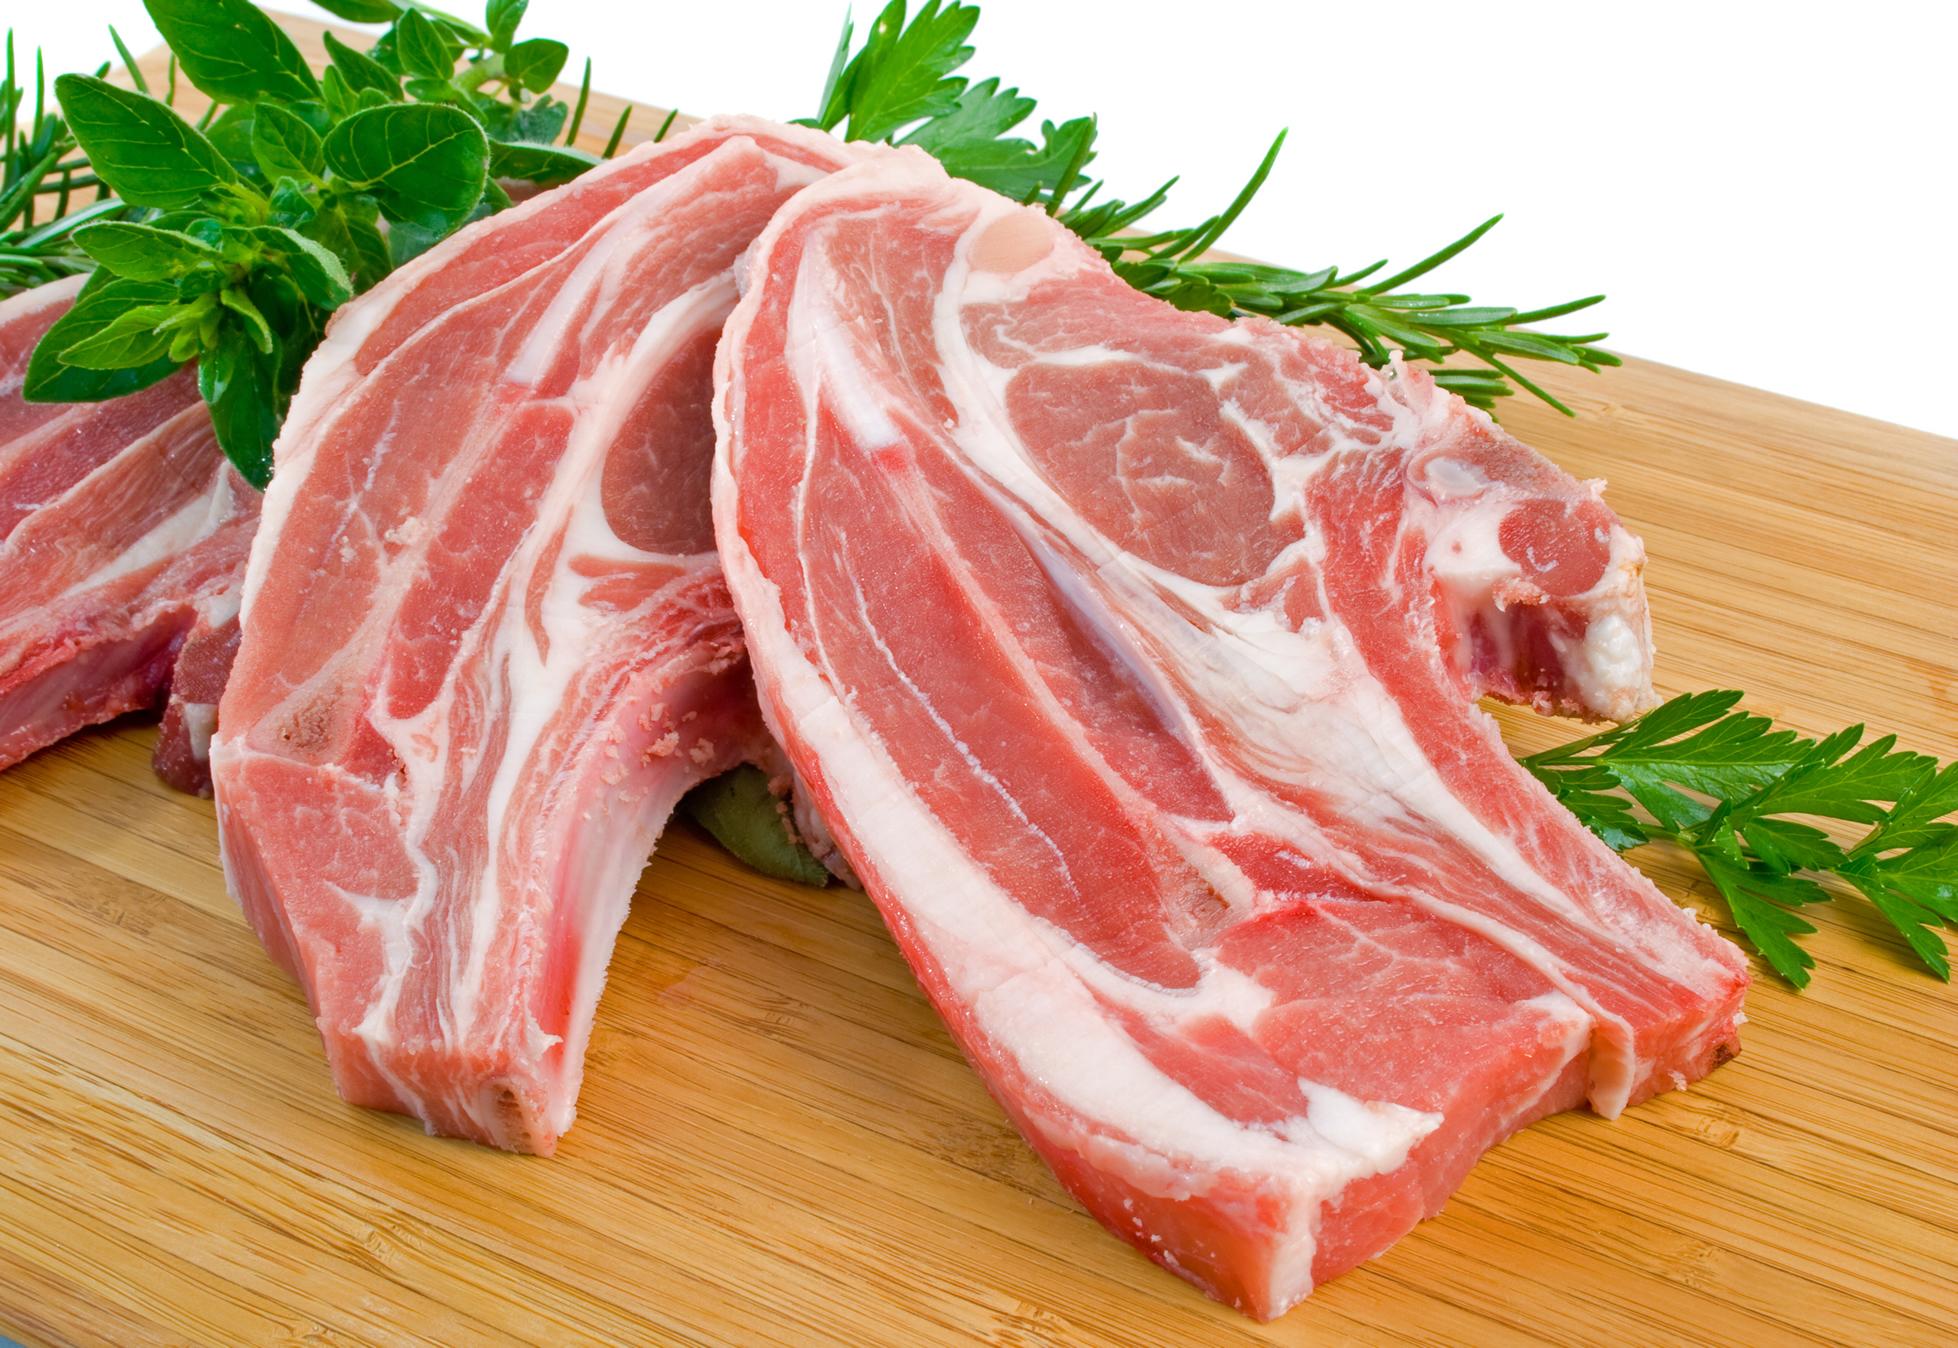 свежее мясо, говядина, вырезка, скачать фото, обои для рабочего стола